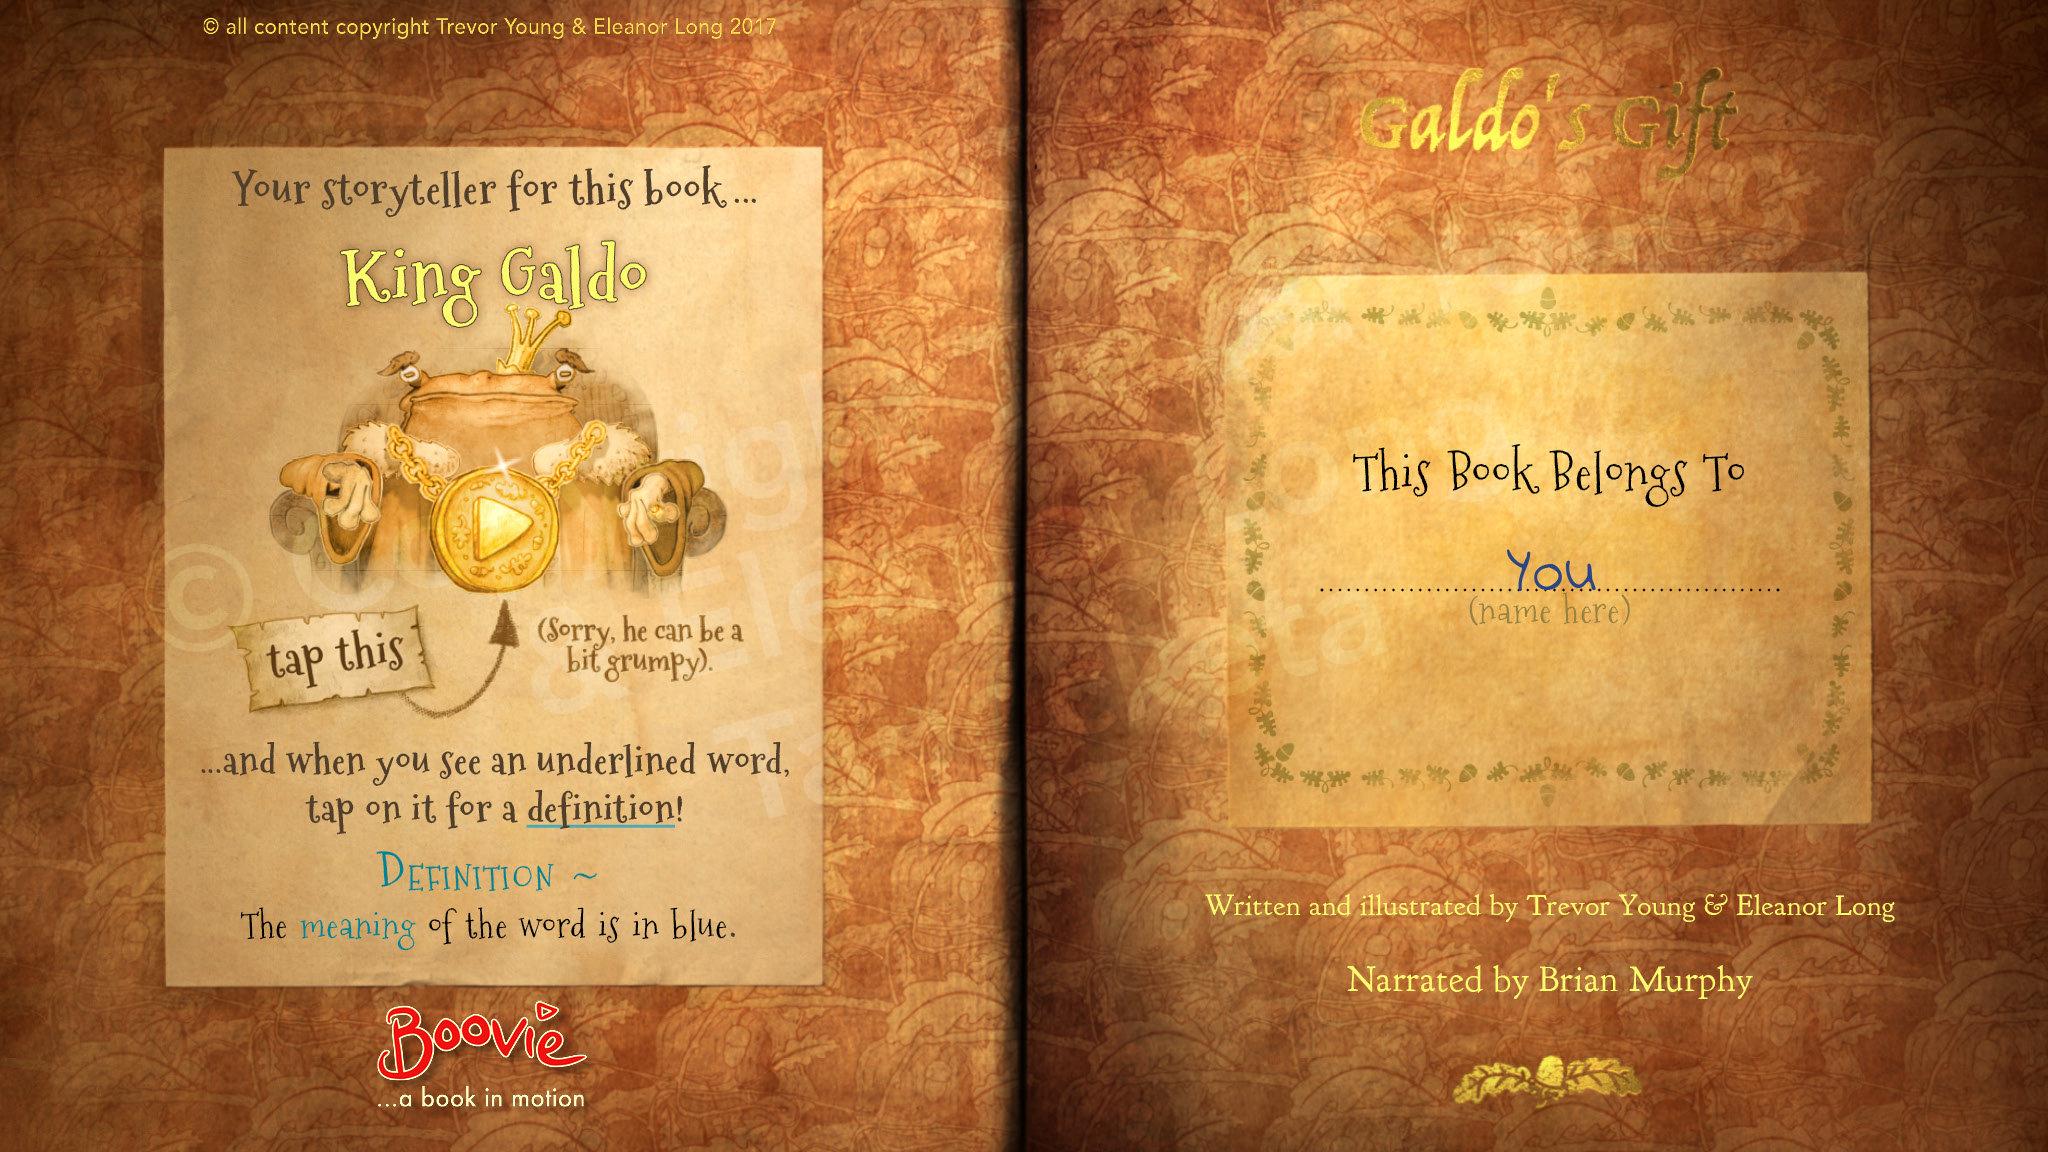 Tapocketa_GaldosGift_V24_eBookWmark02.jpg